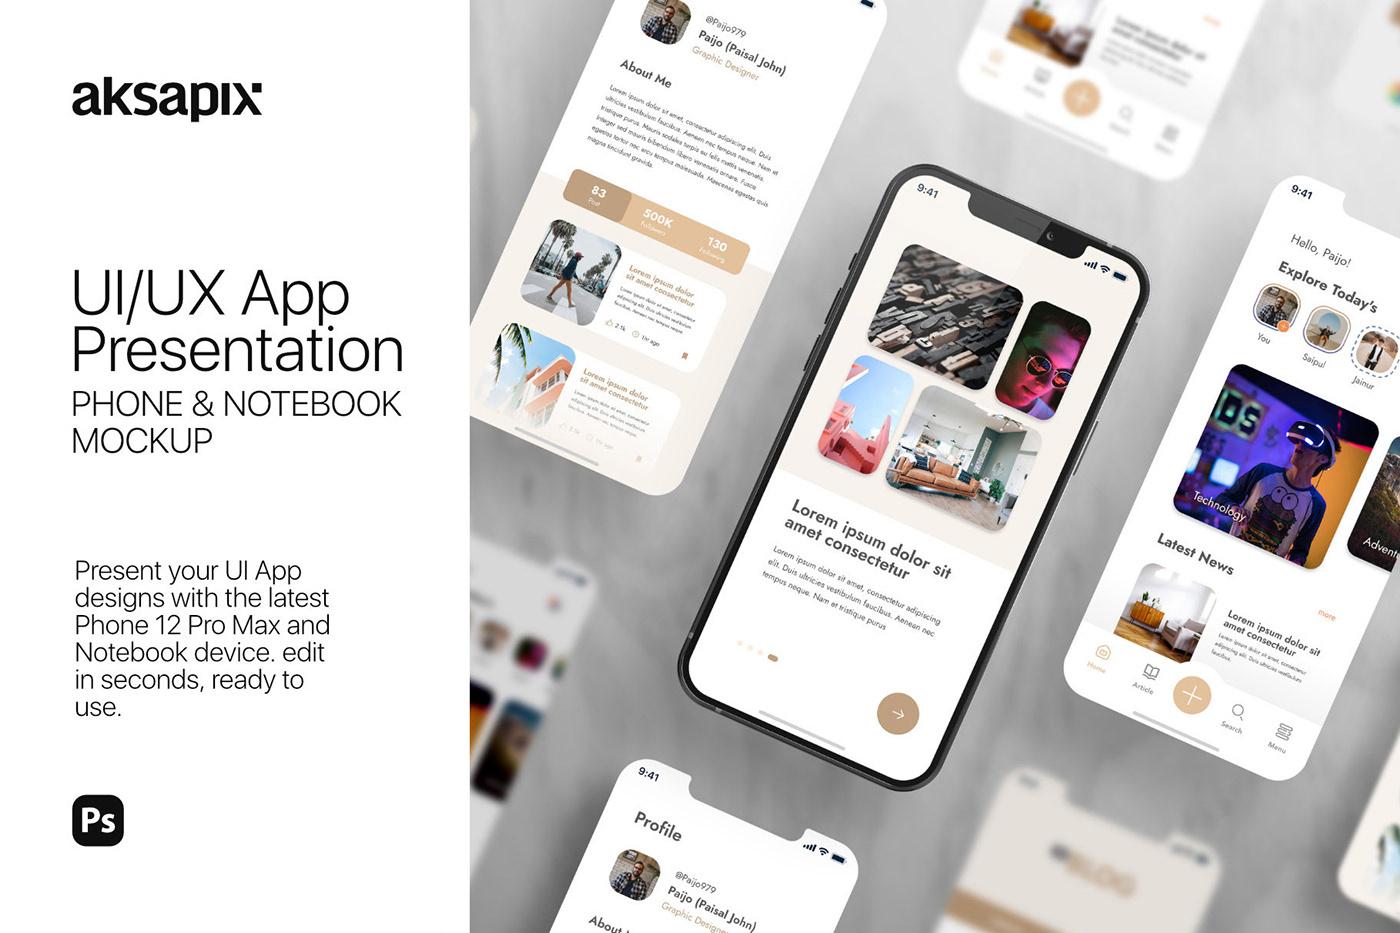 15个自适应网页APP界面设计苹果设备屏幕演示样机模板 UI/UX App Presentation – Phone & Notebook Mockup插图